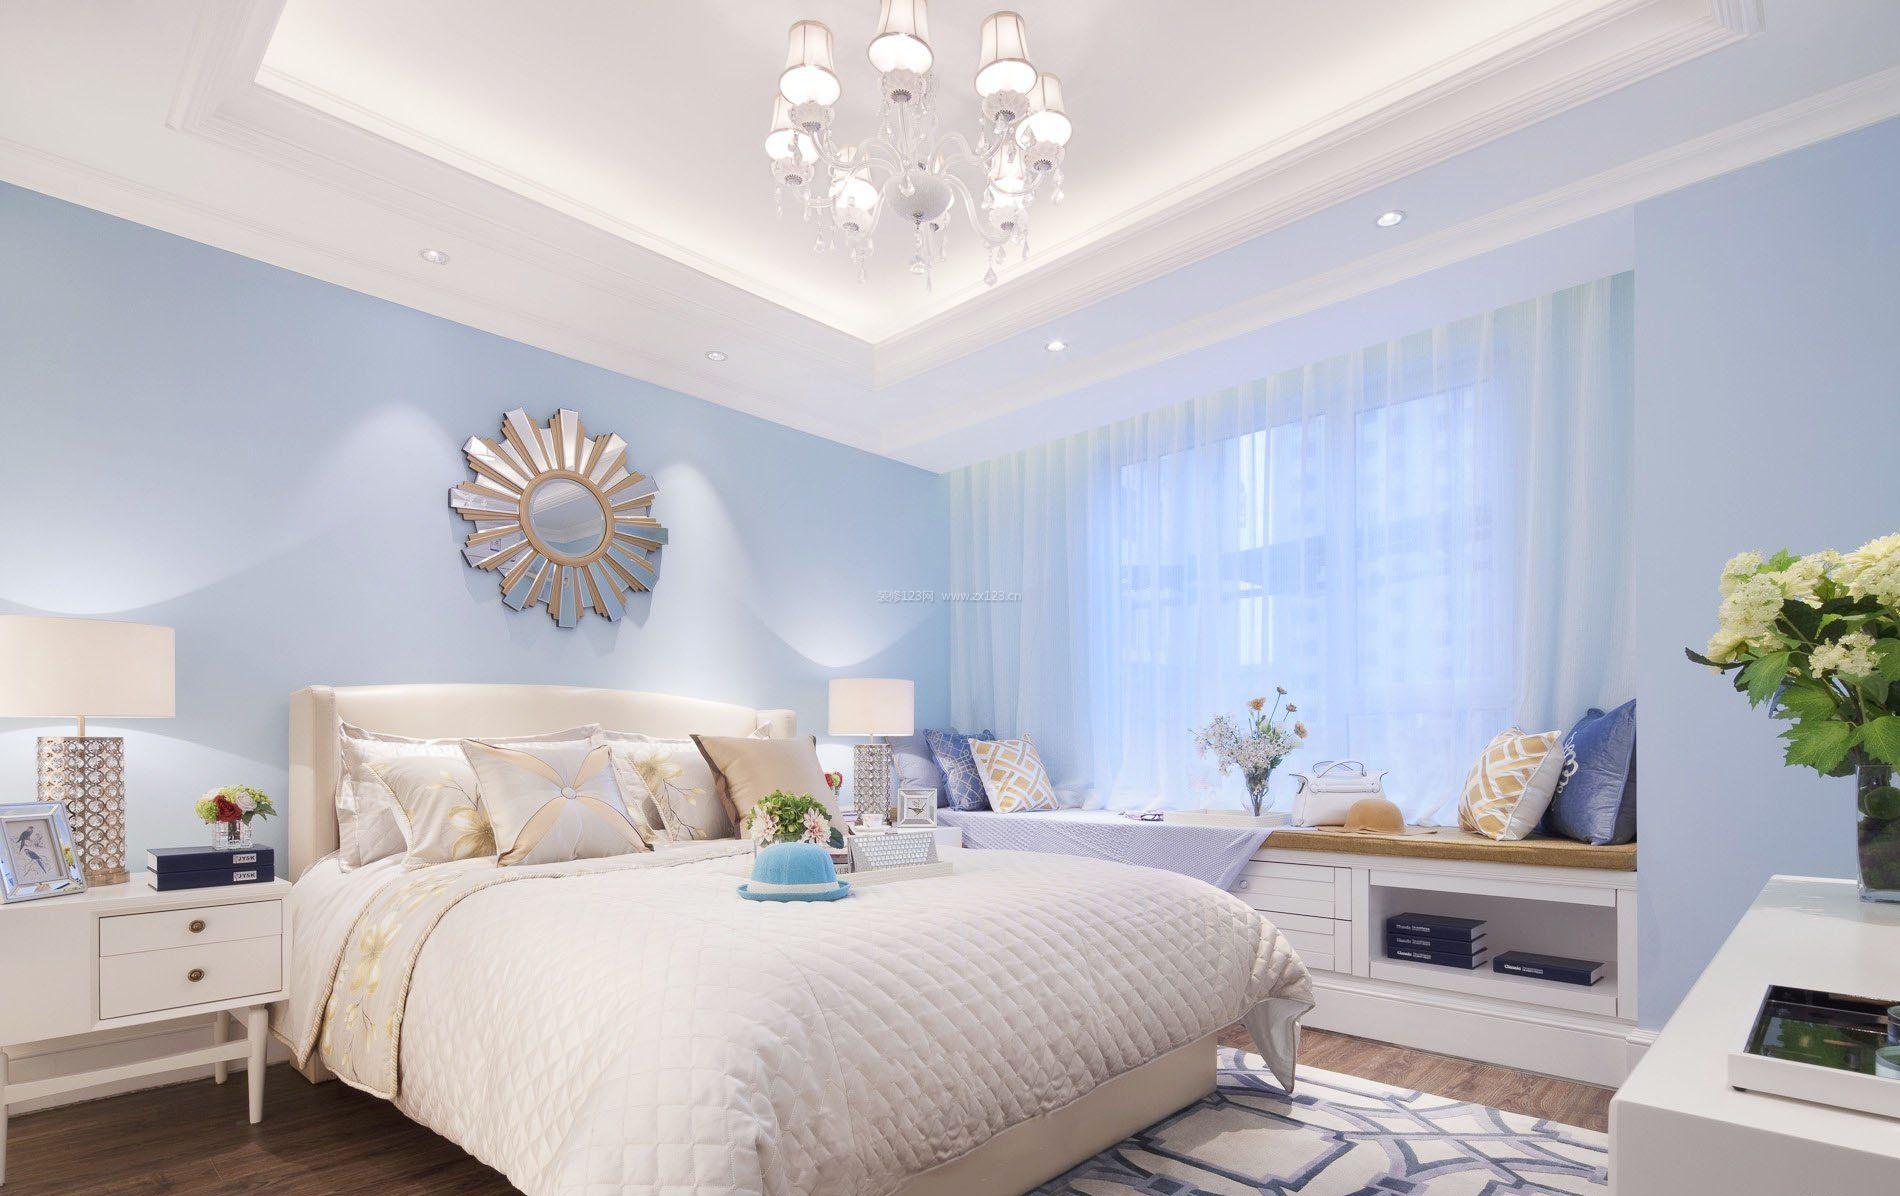 2017简约卧室蓝色壁纸图片欣赏_装修123效果图